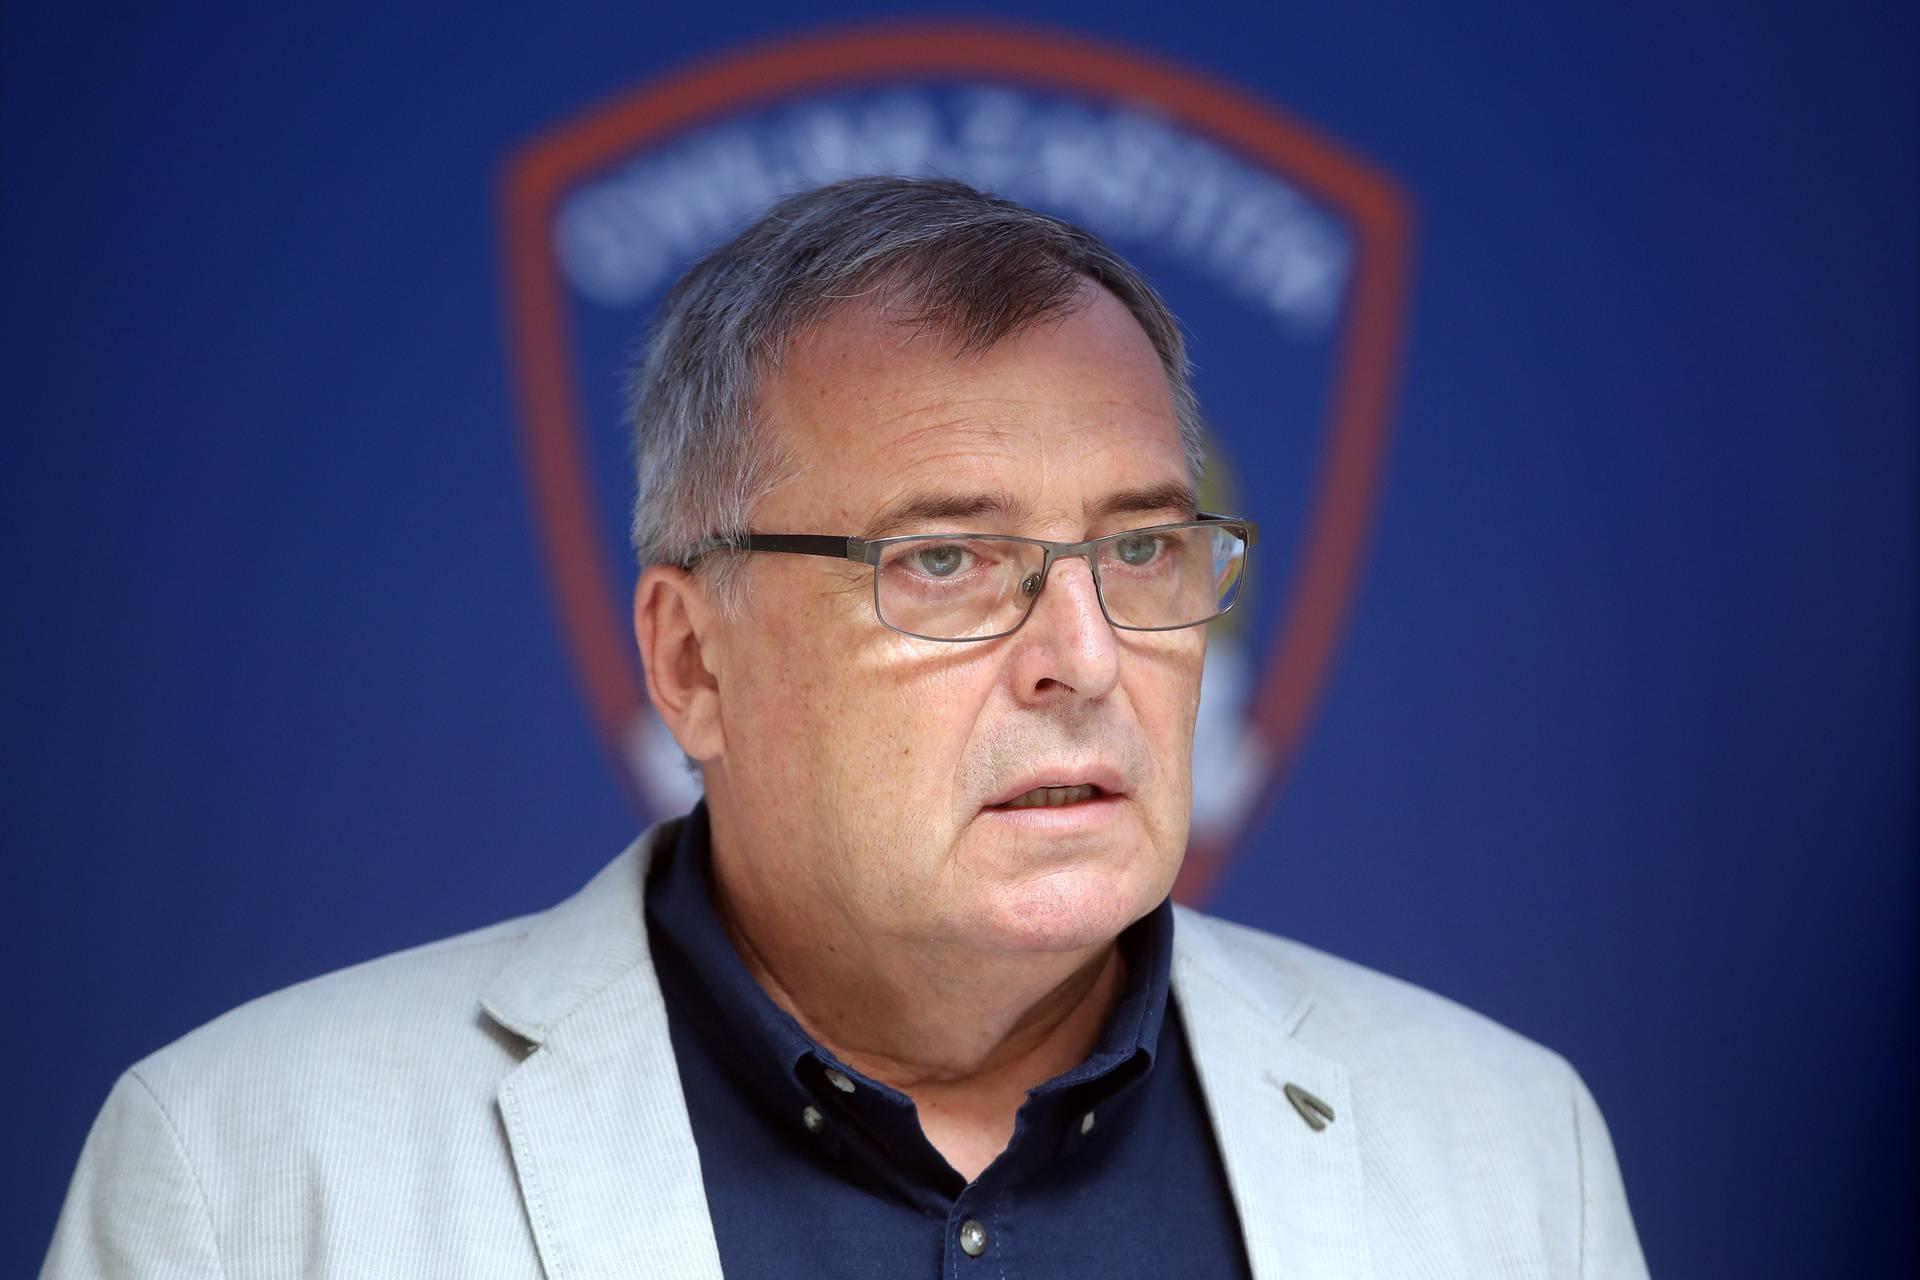 Capak: 'U slučaju da su Janša ili Plenković pozitivni, ovaj drugi bi trebao ići u samoizolaciju'